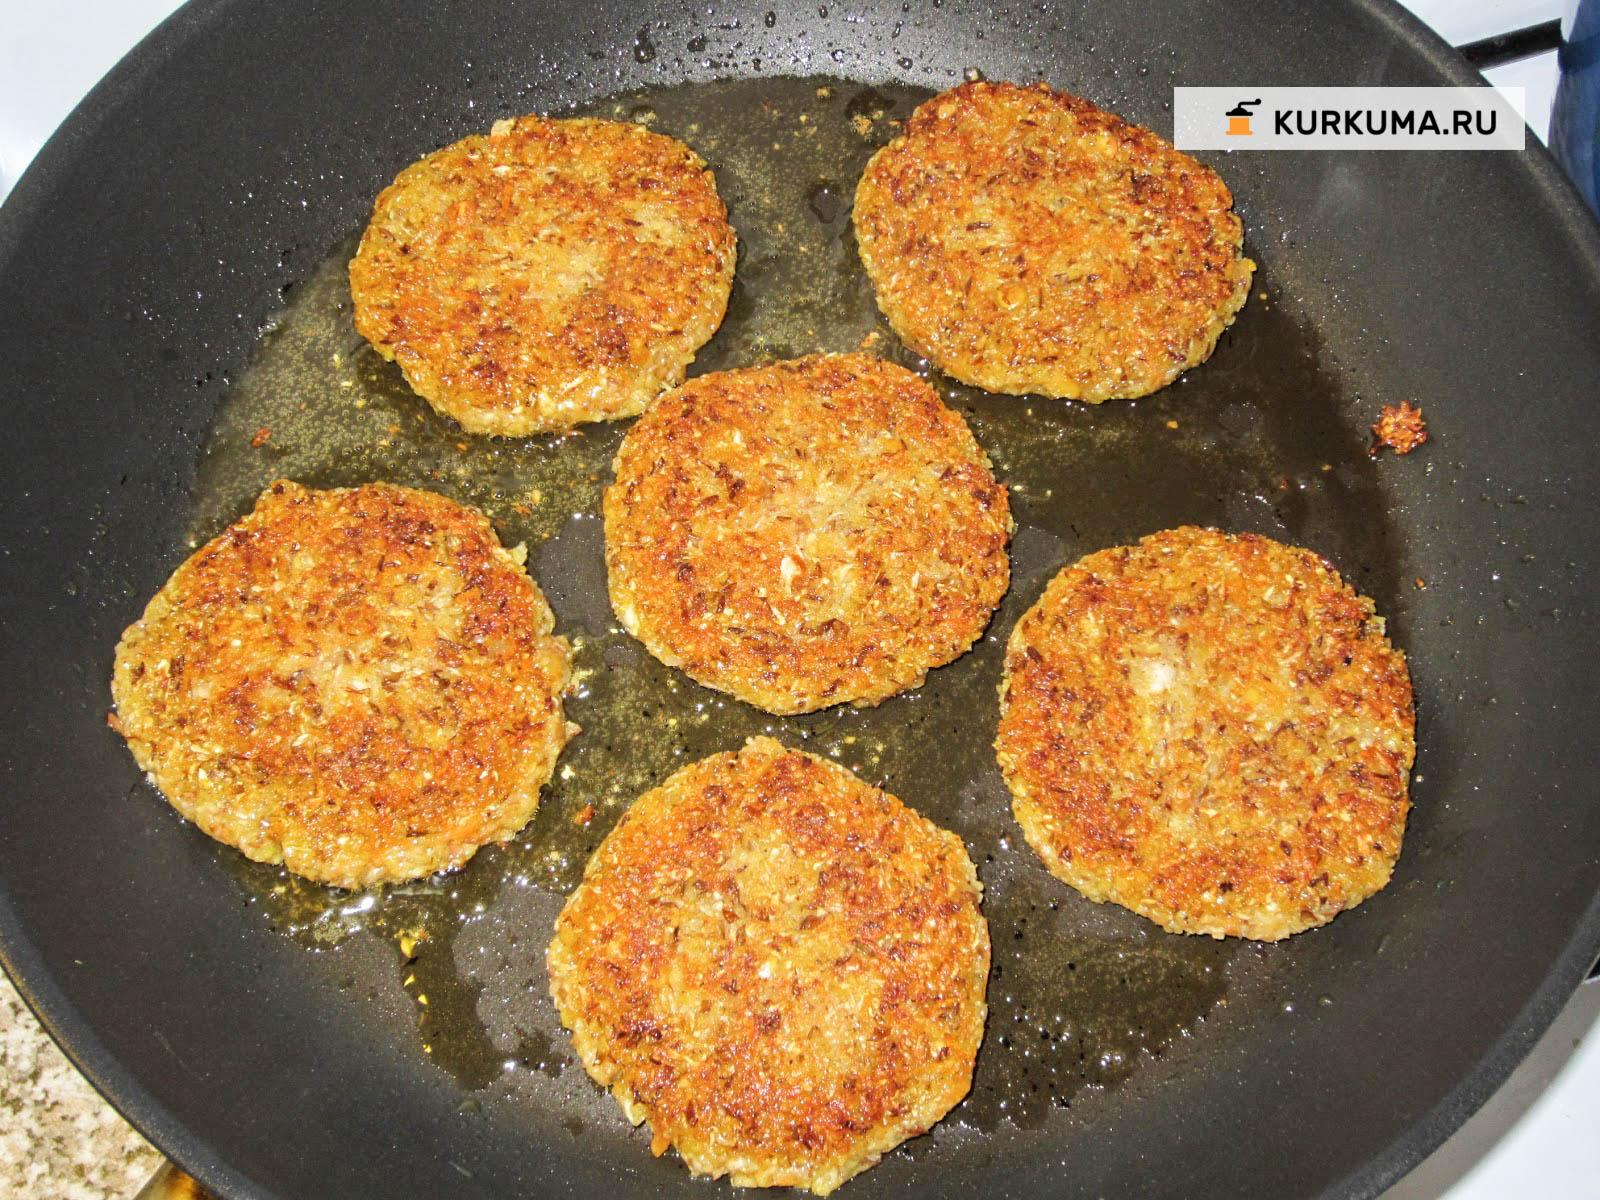 Чечевичные котлеты рецепт пошагово